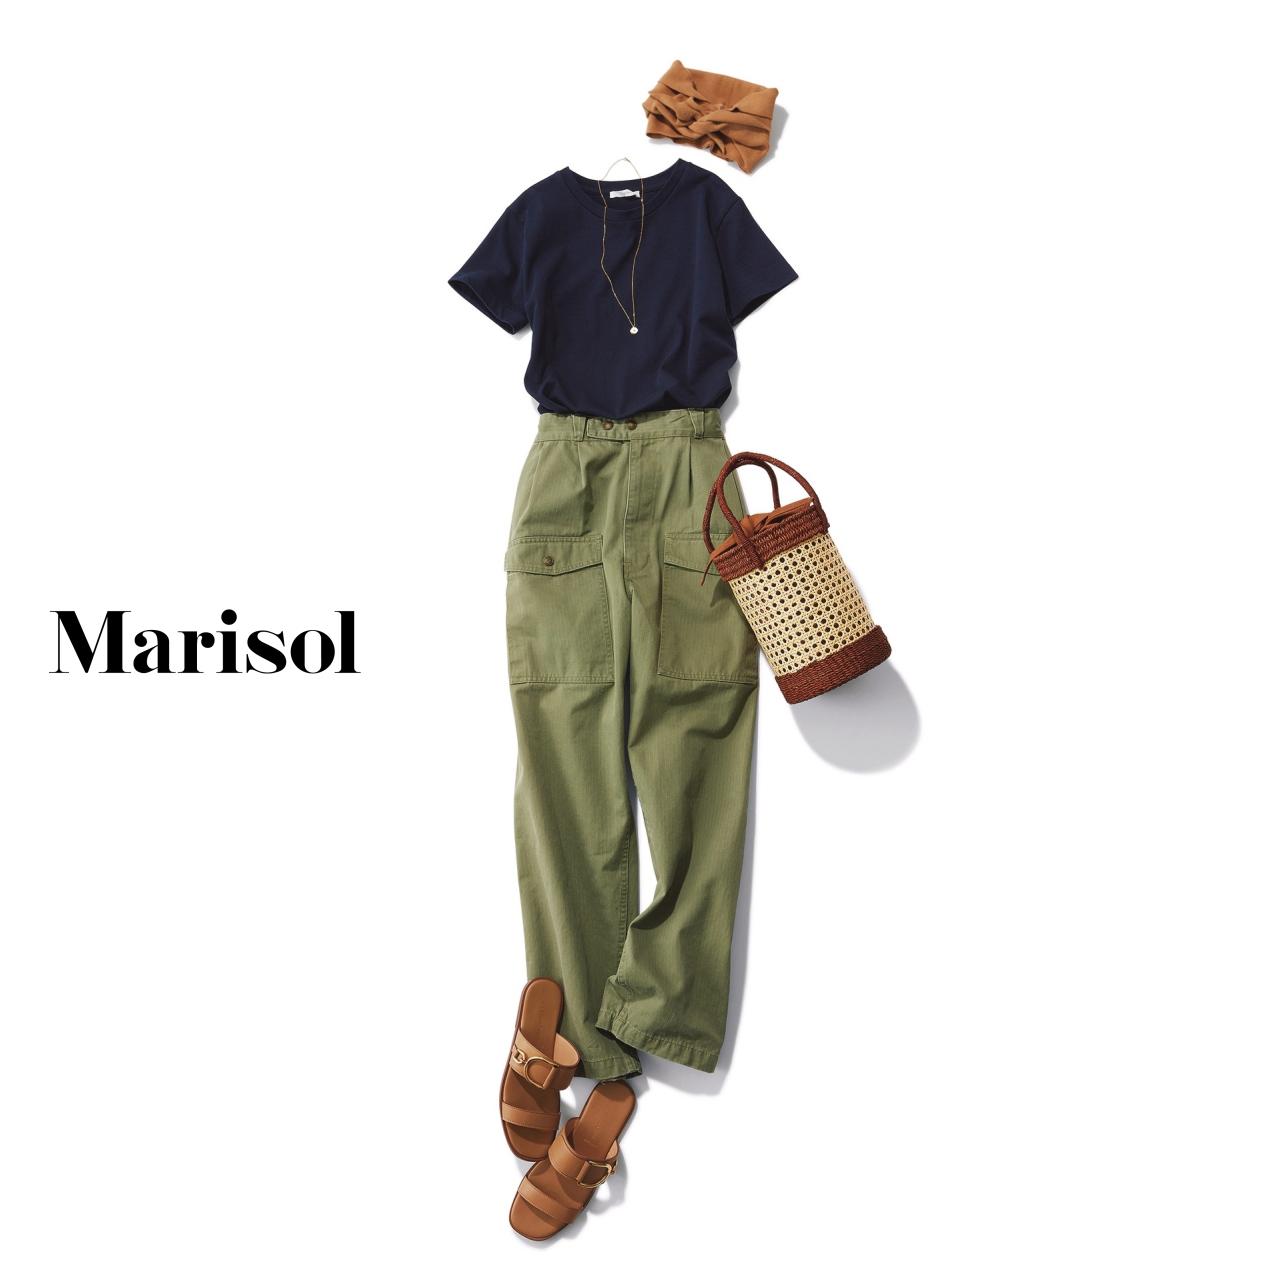 マリソルおしゃれ白書2020から大人のための夏のセットアップまで【ファッション人気記事ランキングトップ10】_1_7